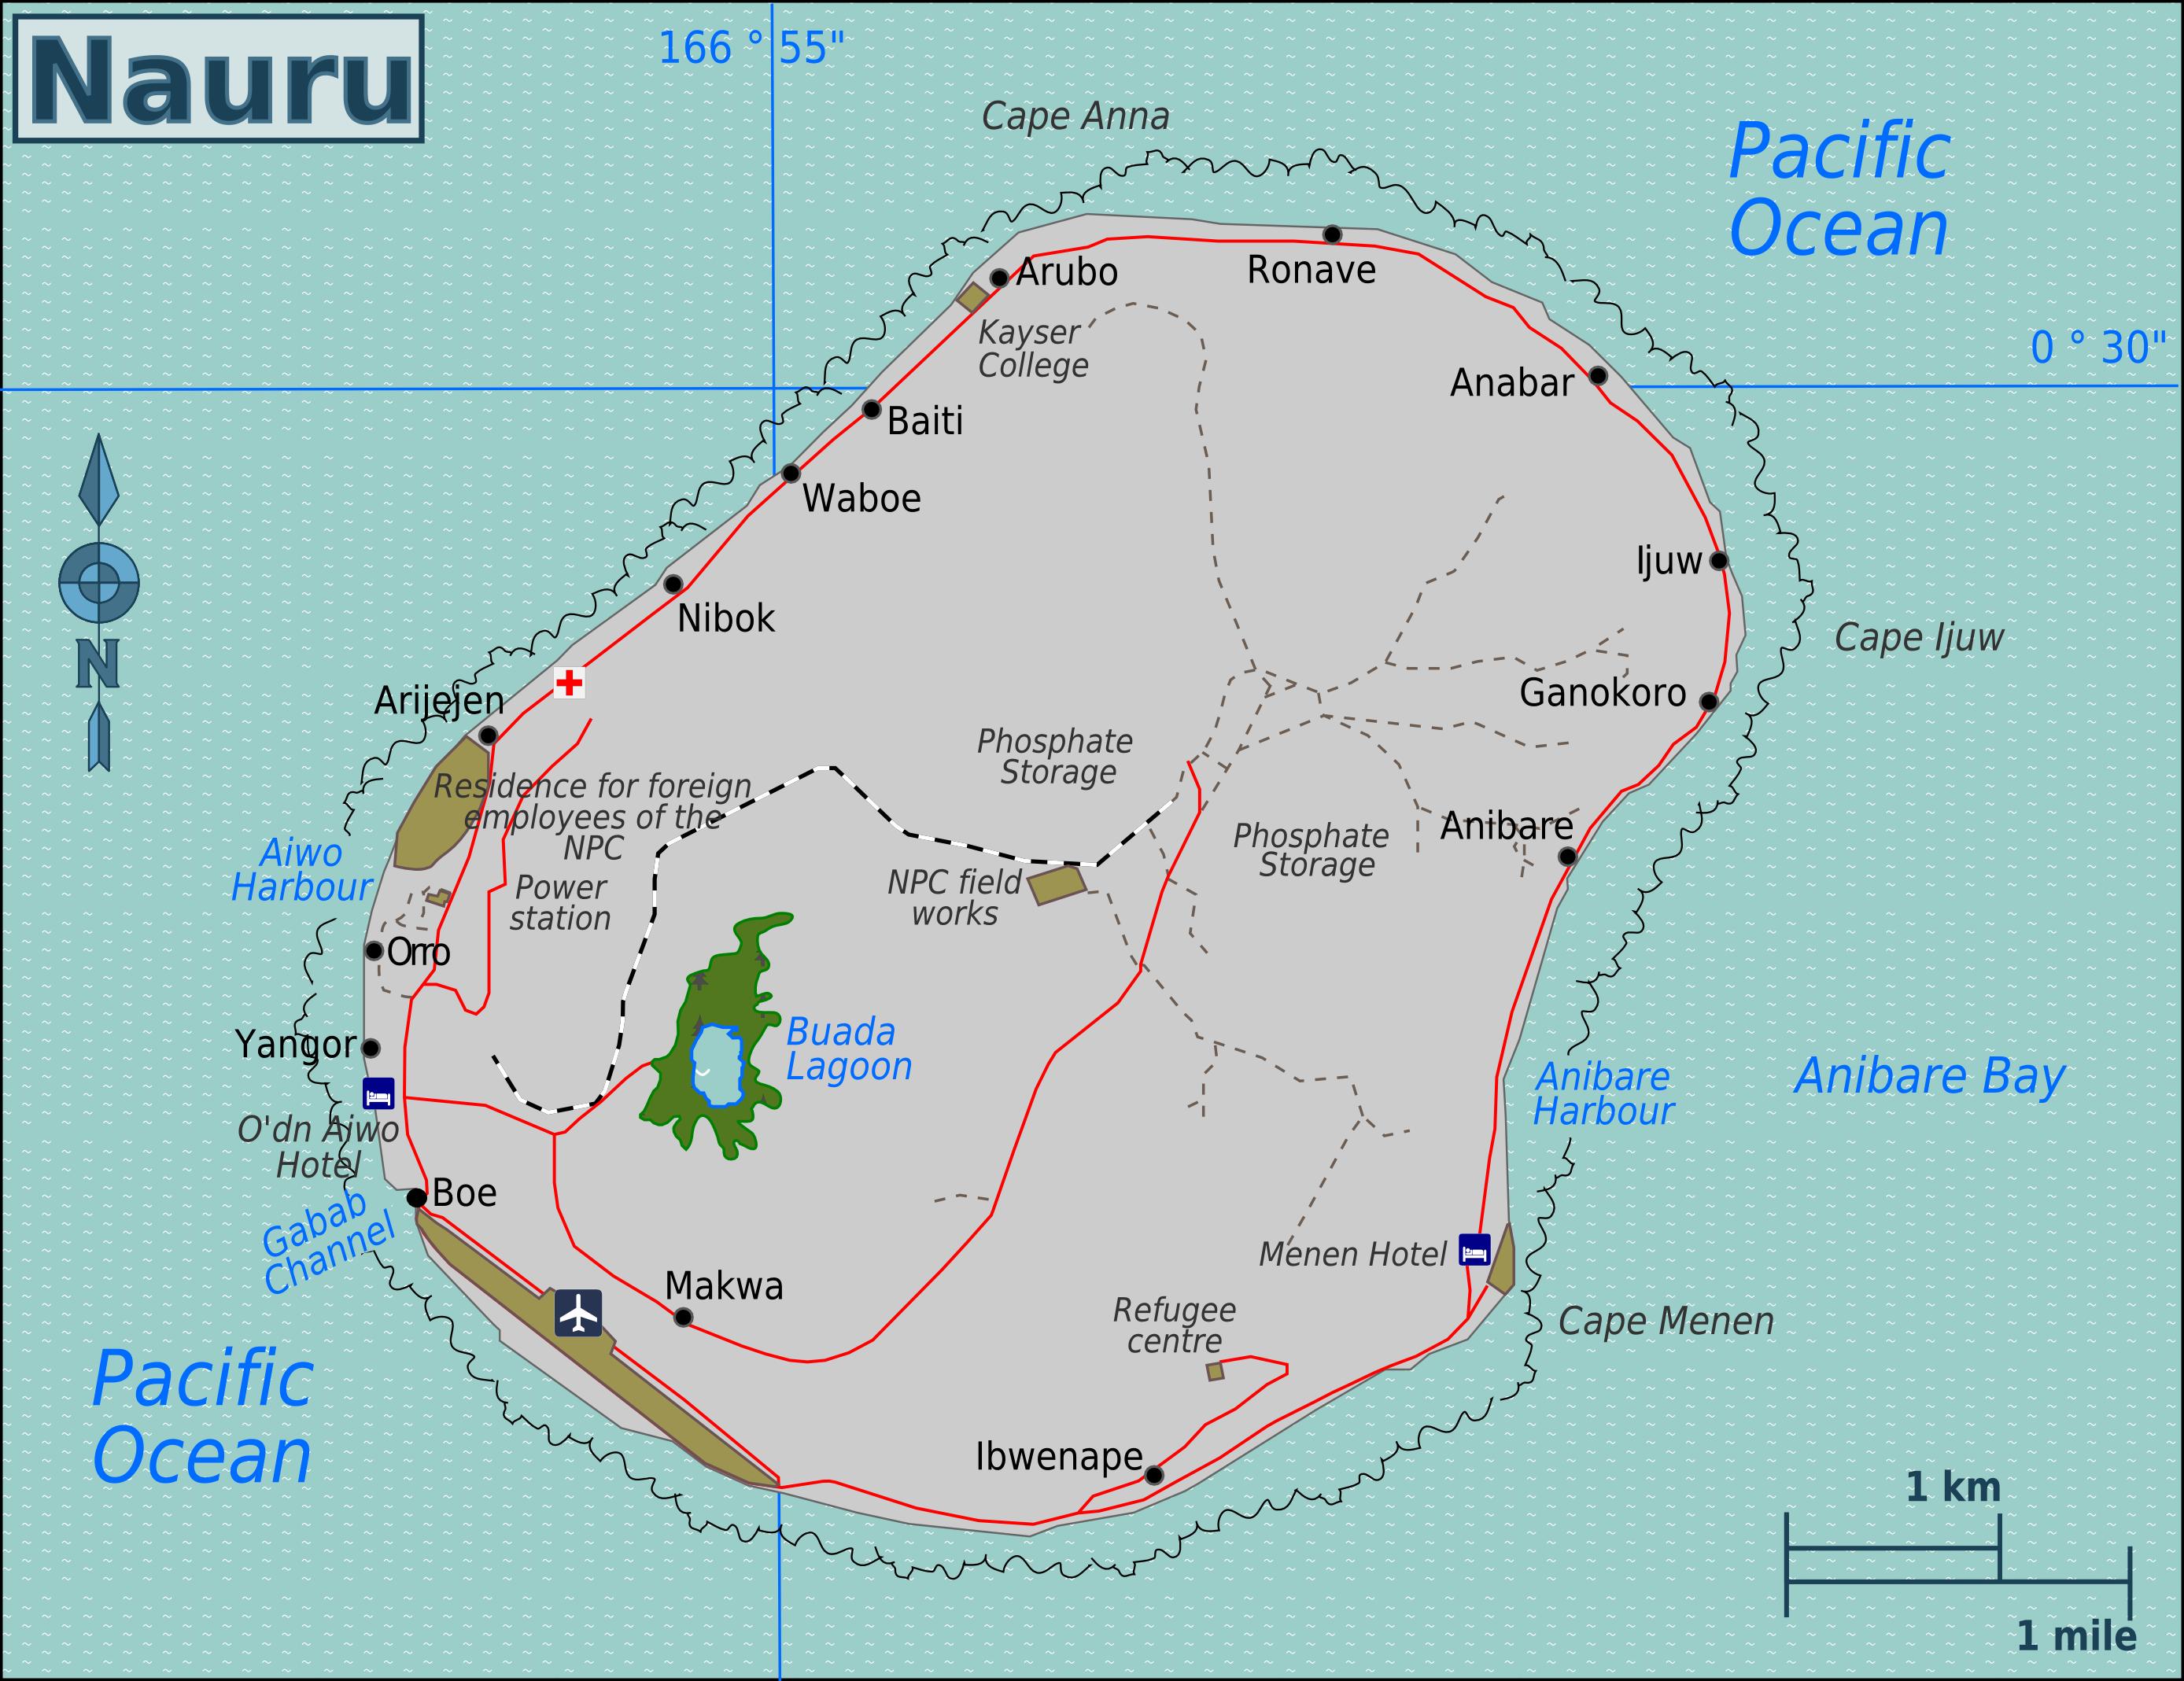 Nauru_map_WV